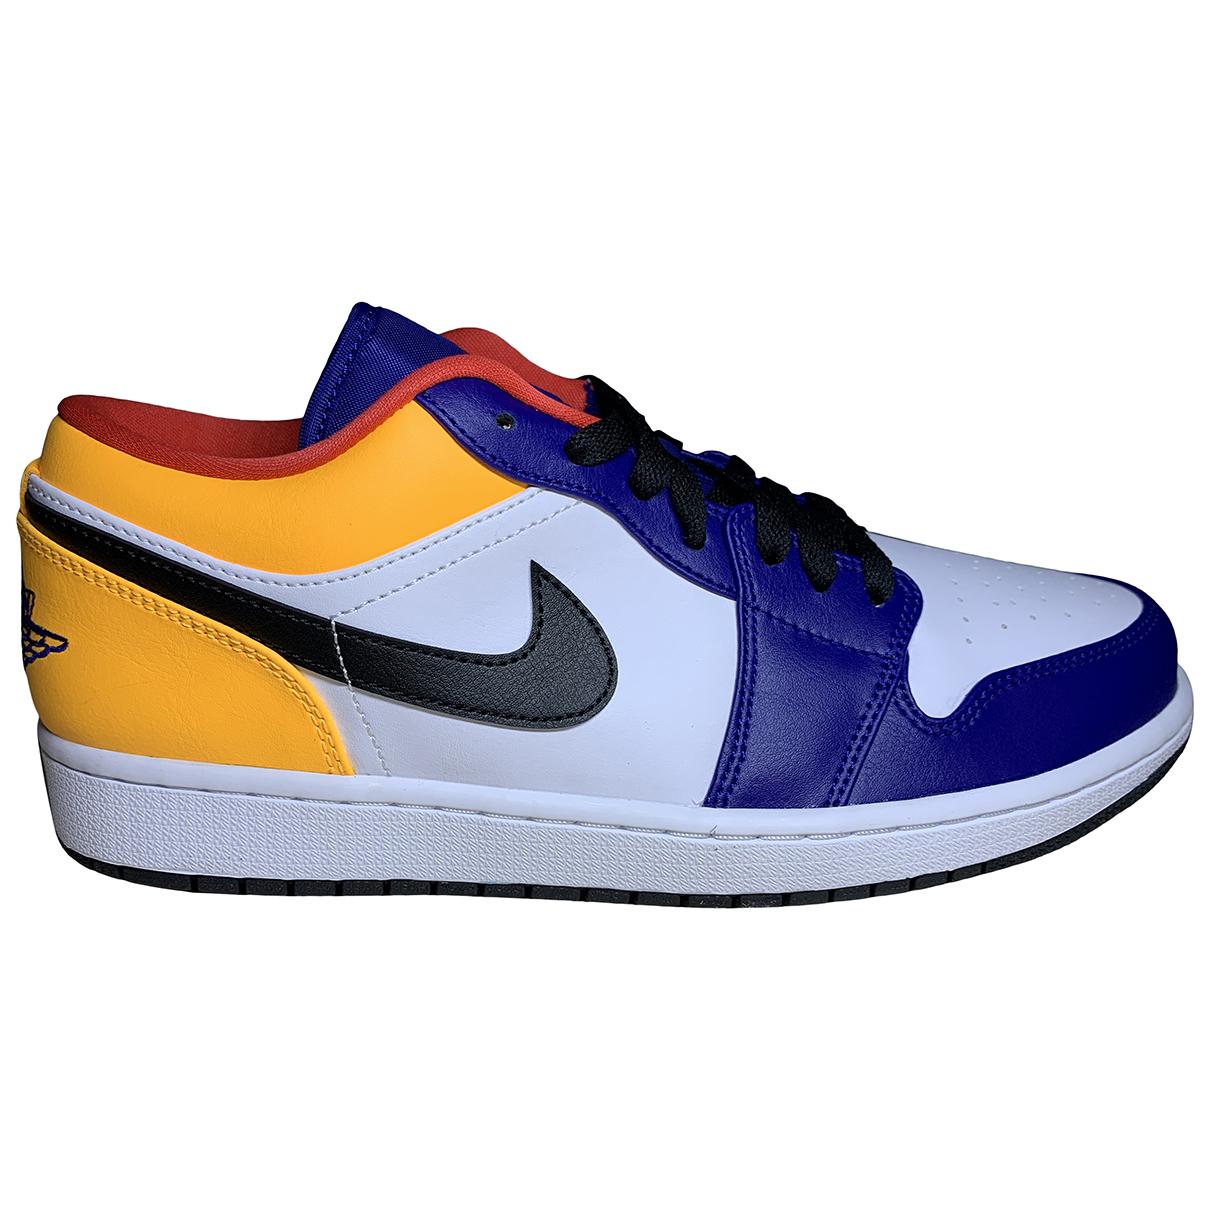 Jordan - Baskets Air Jordan 1  pour homme - multicolore